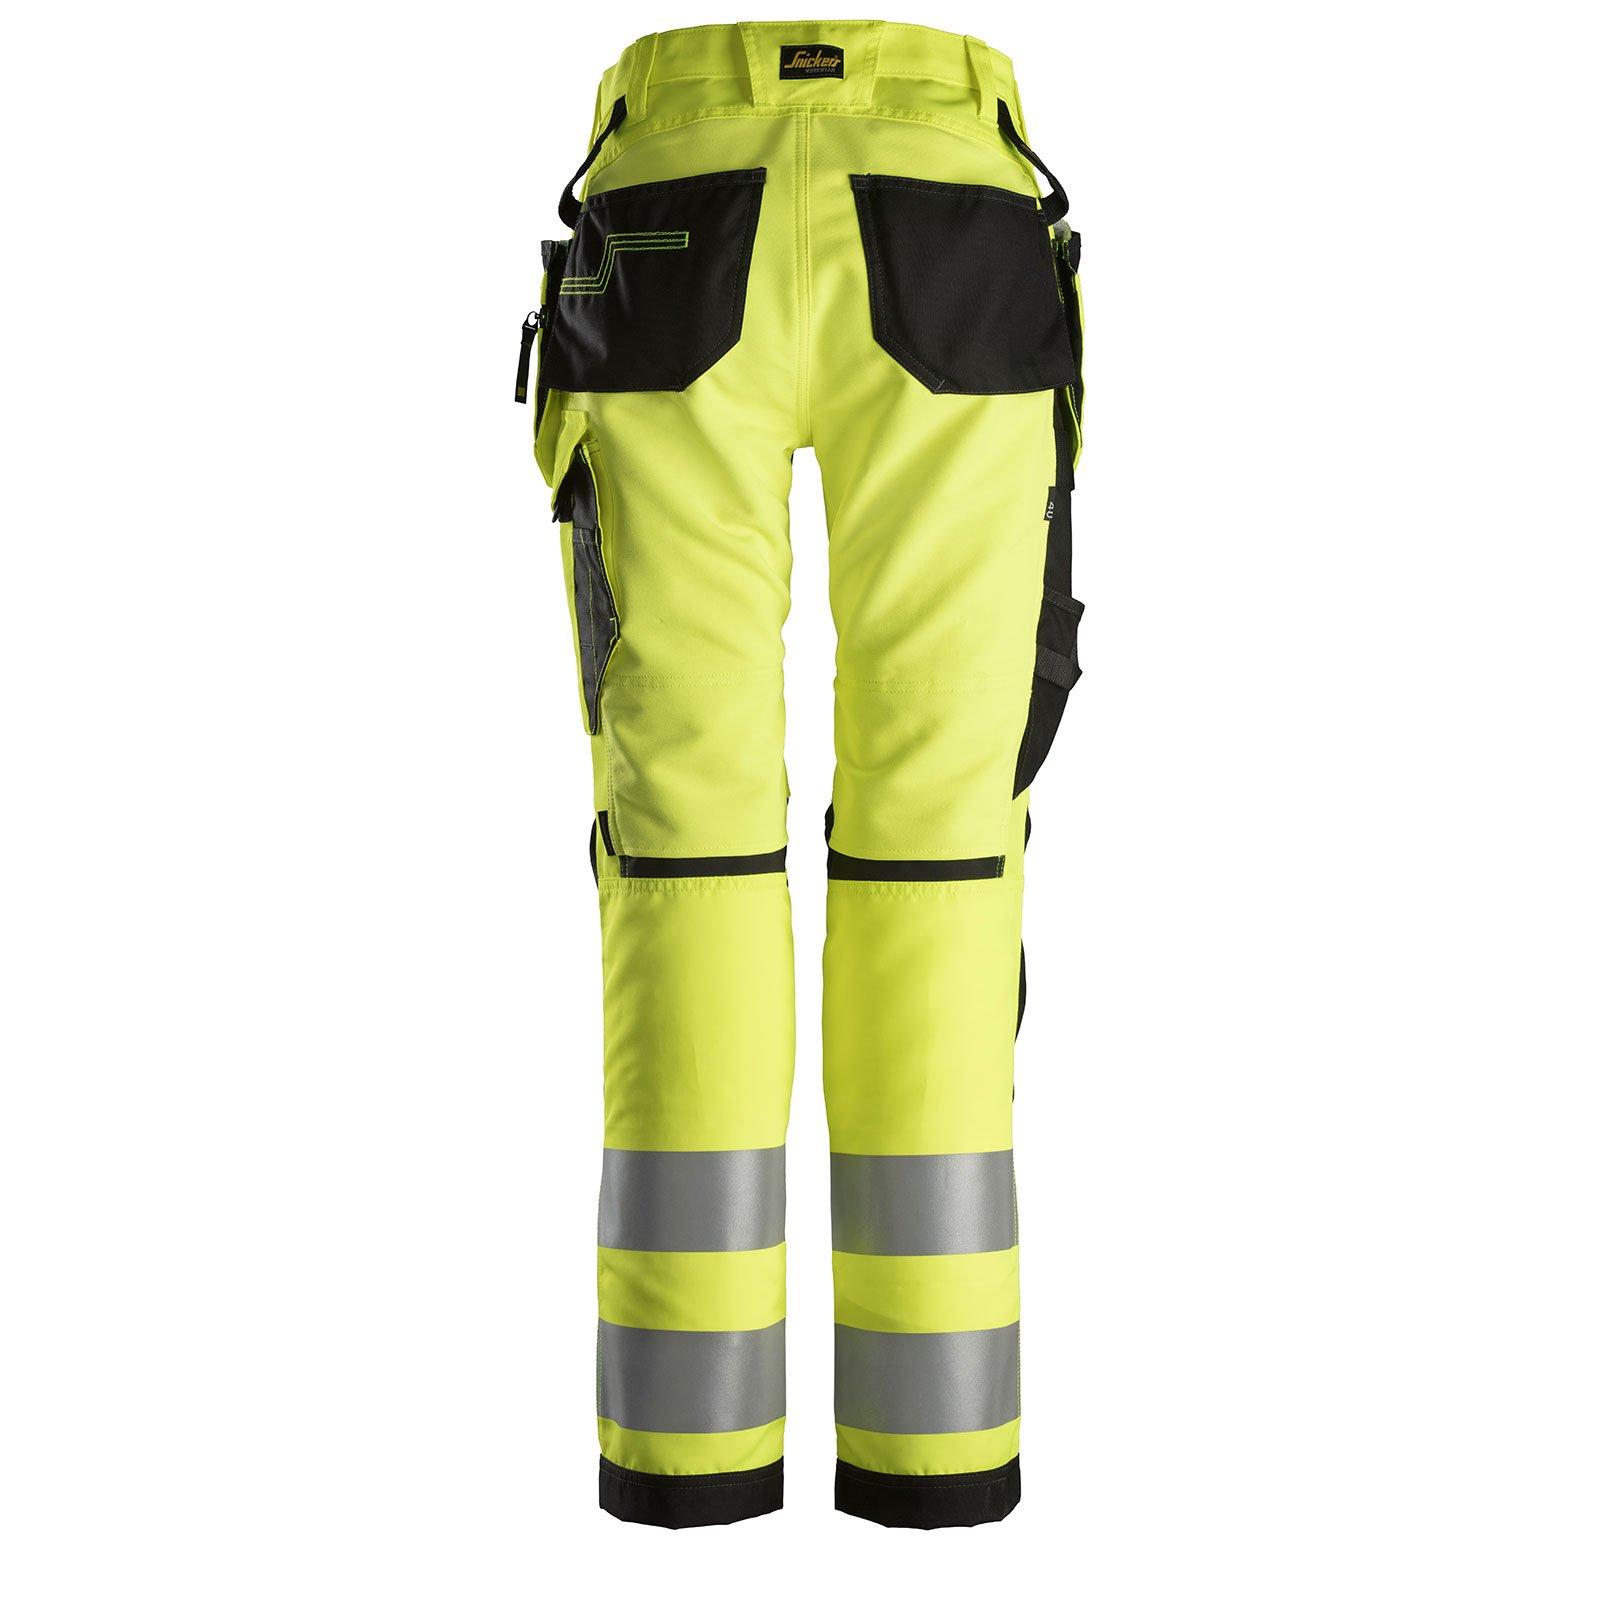 6730 AllroundWork, Women's High-Vis Work Trousers+ Holster Pockets, Class 2